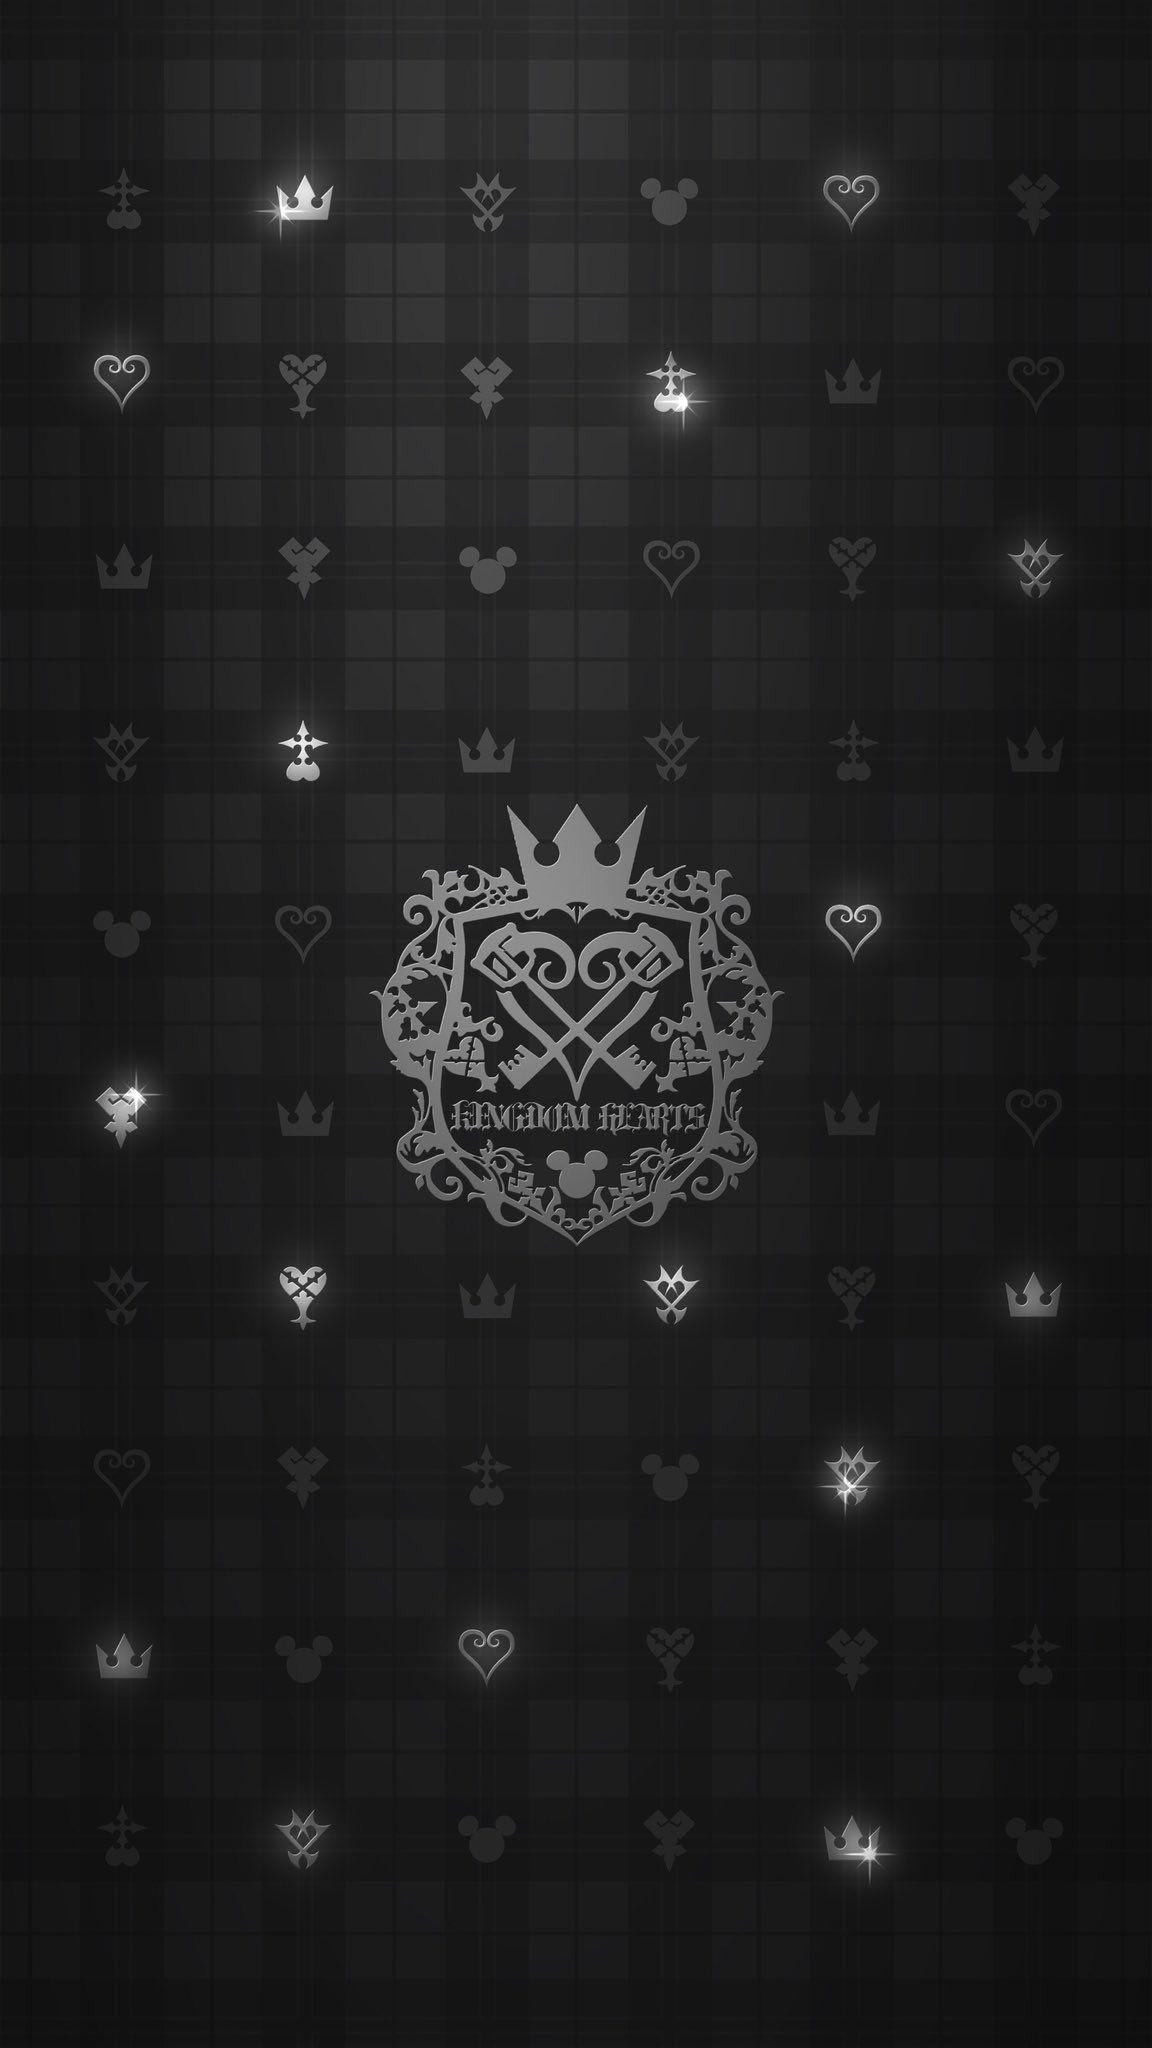 Kingdom Hearts キングダムハーツ イラスト Ff15 イラスト